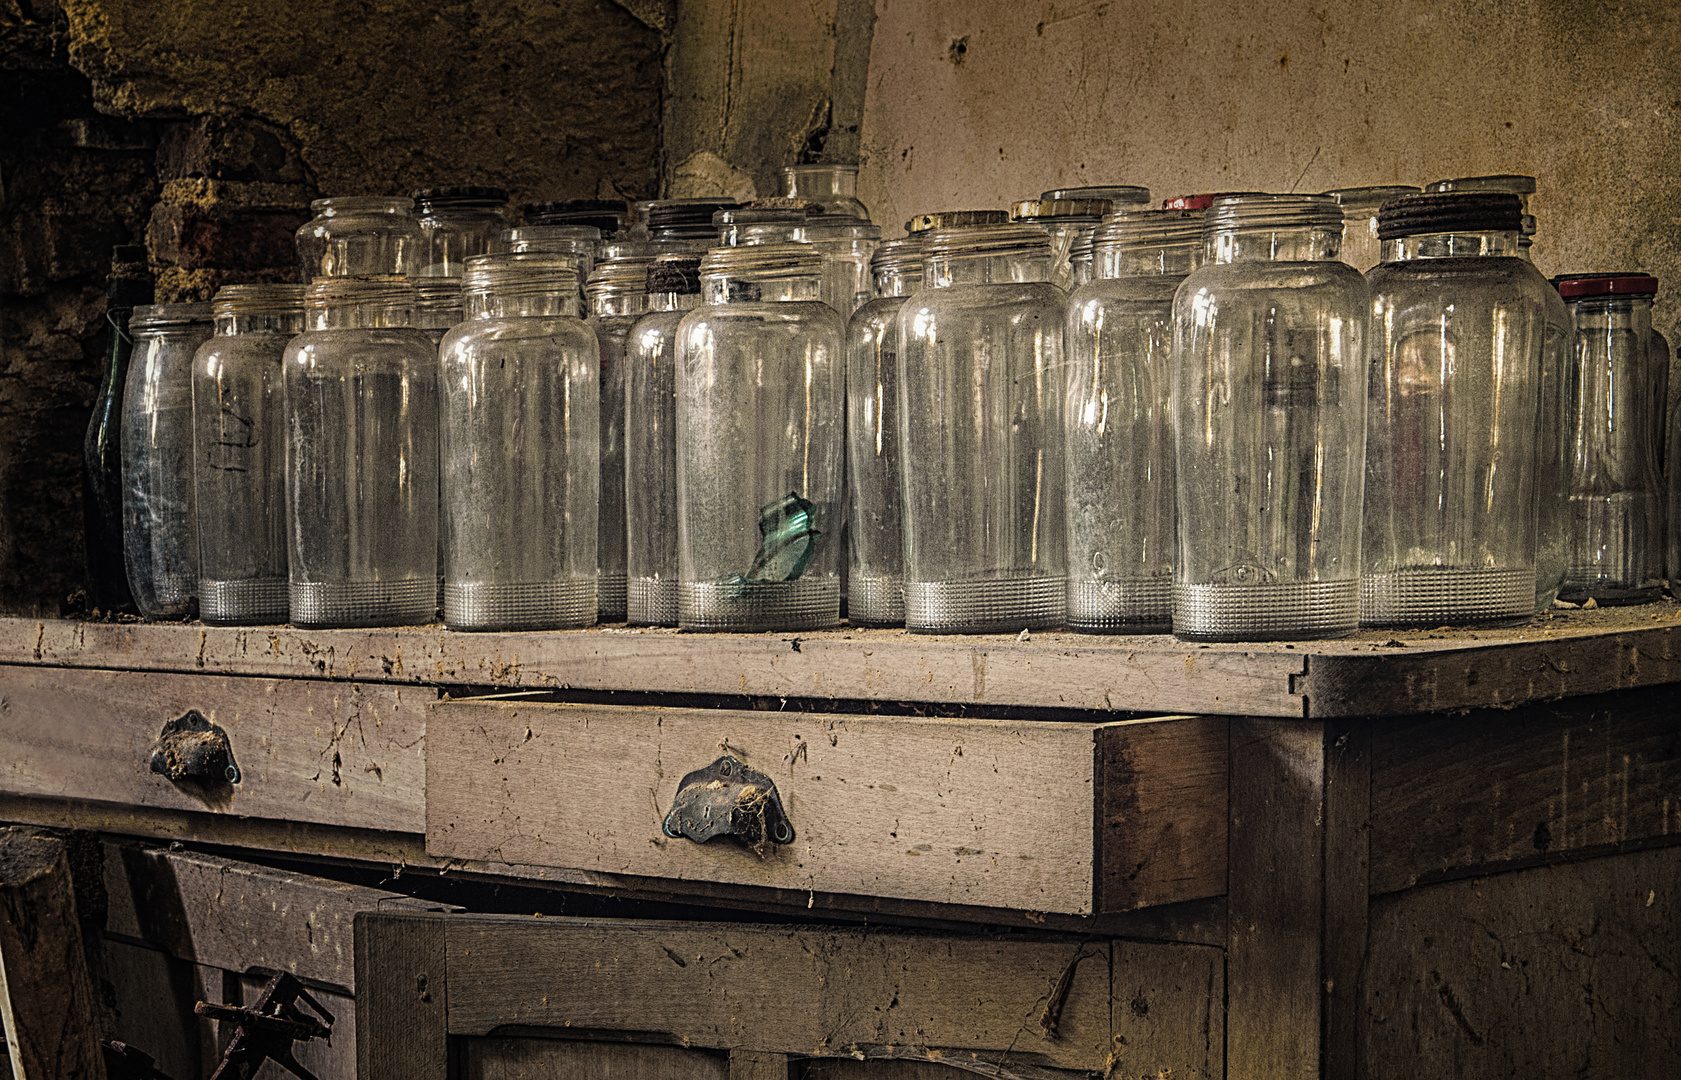 Nicht Flaschen - aber Gläser leer